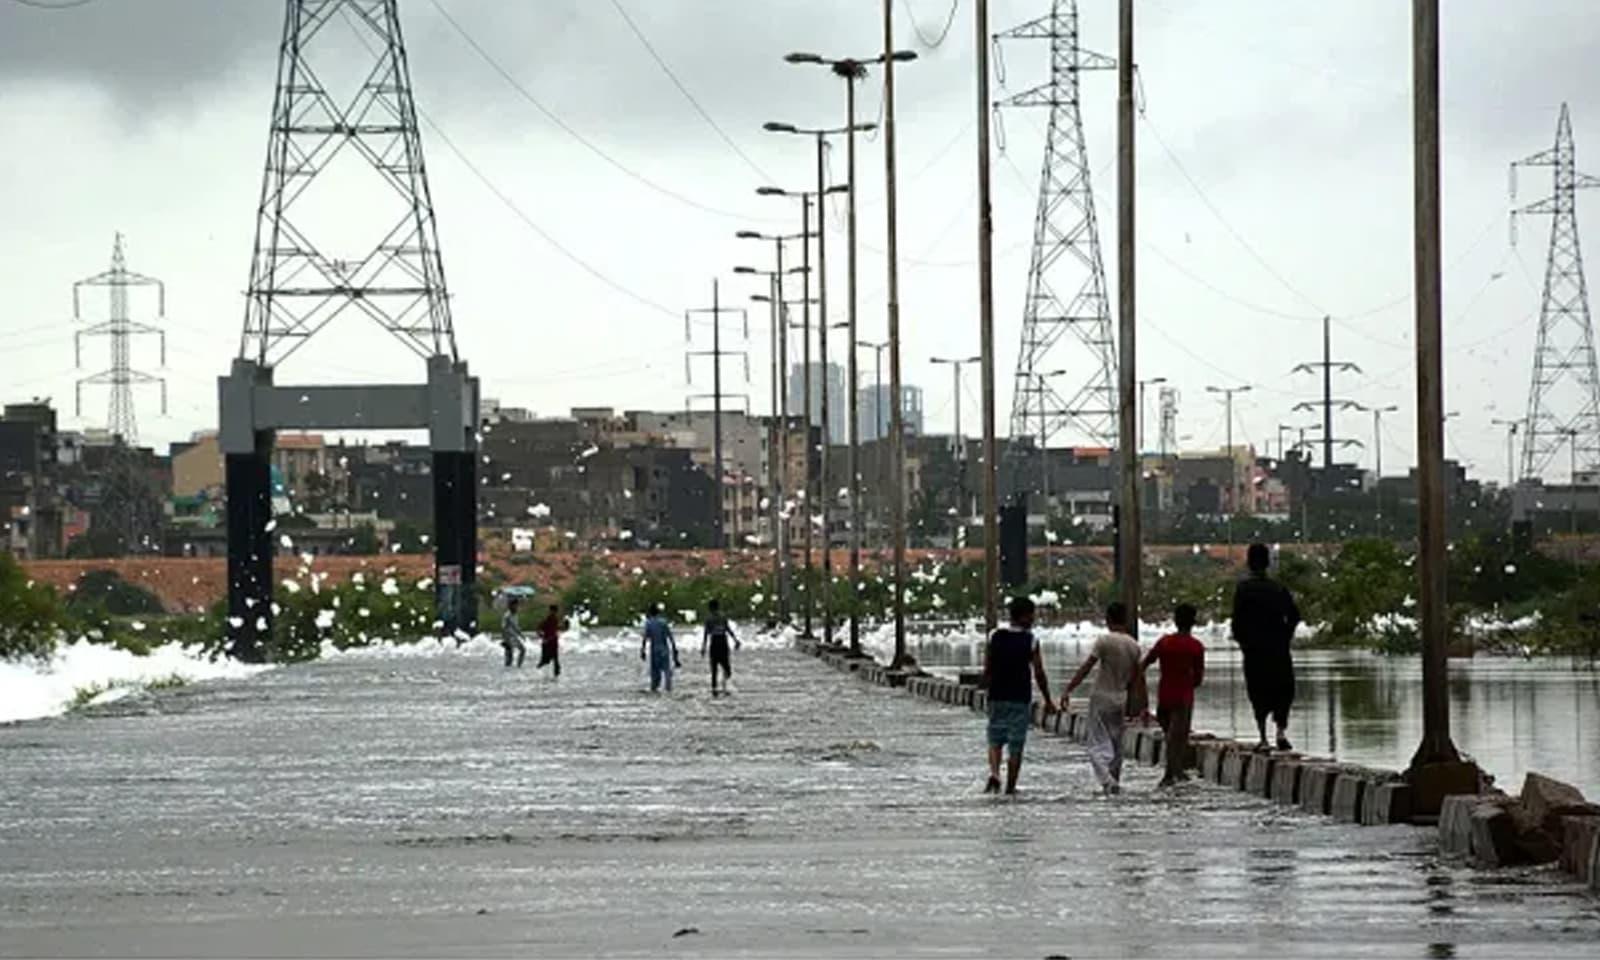 کورنگی کاز وے سے سیلابی ریلا گزررہا ہے—فوٹو: اے  پی پی